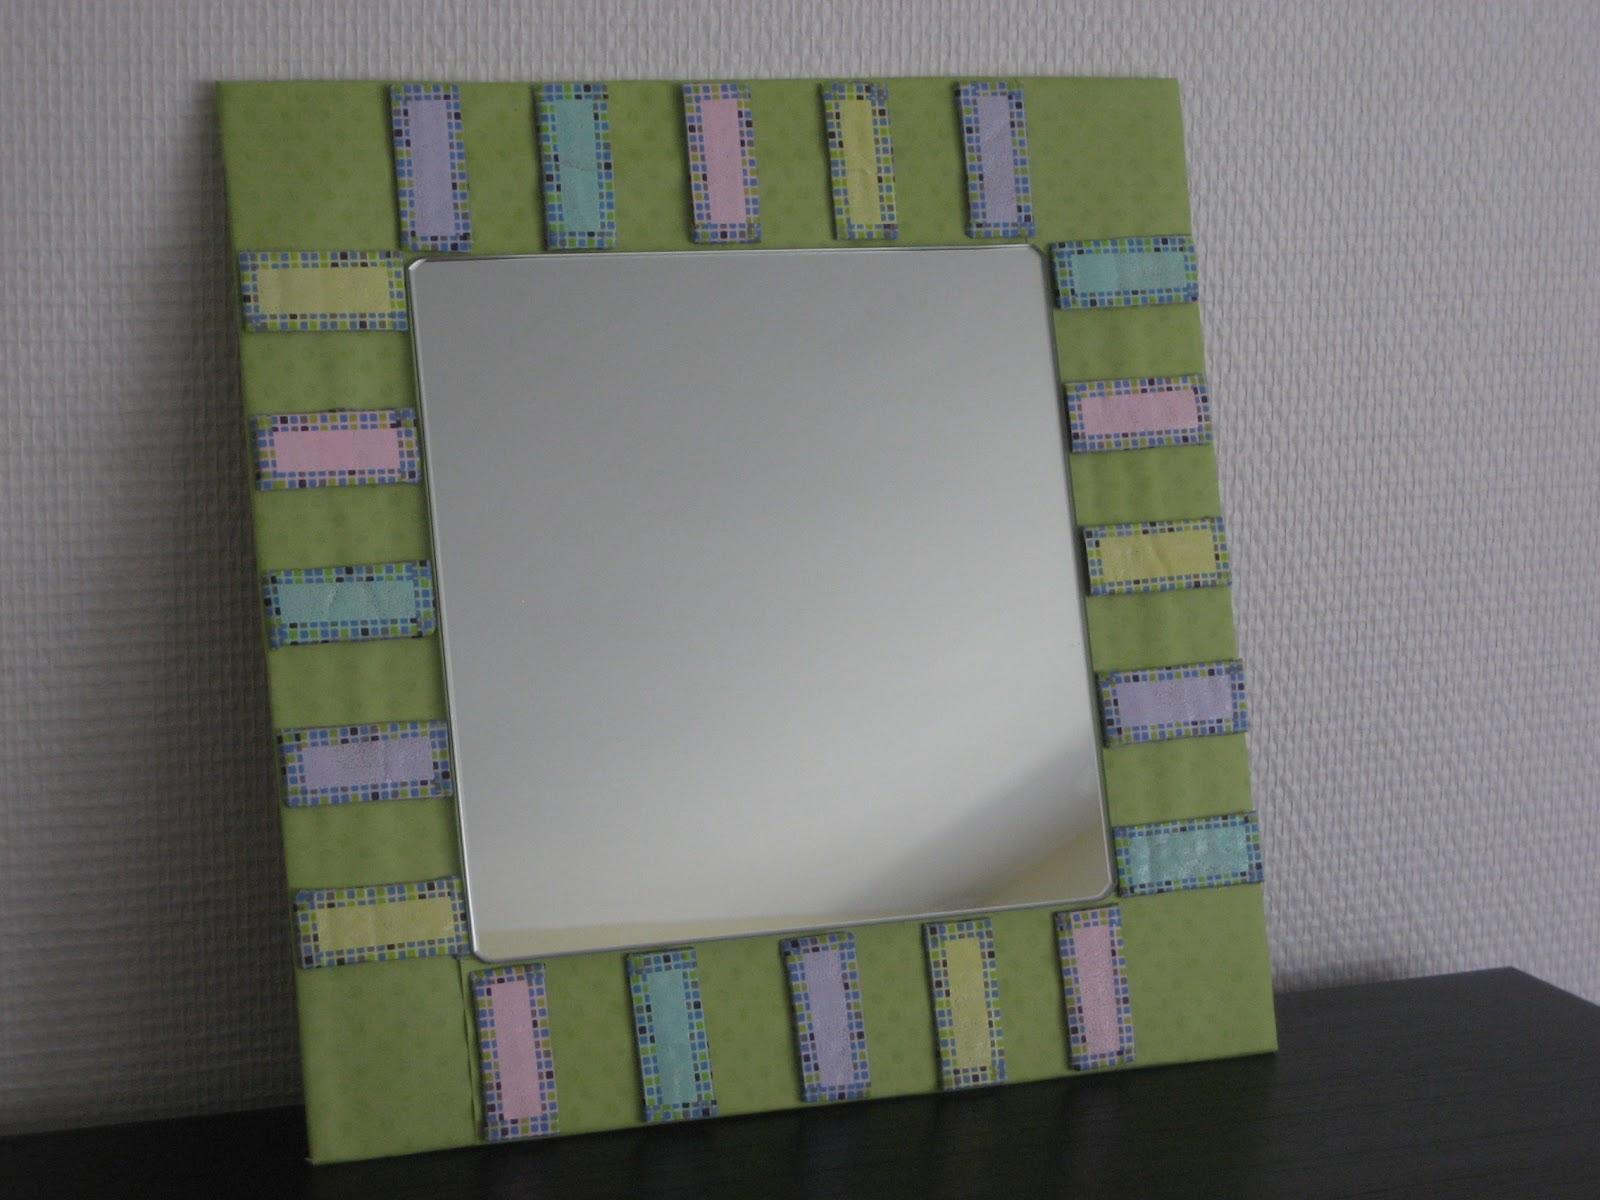 Manualidades y tendencias: Cómo hacer un marco reciclado / DIY How ...